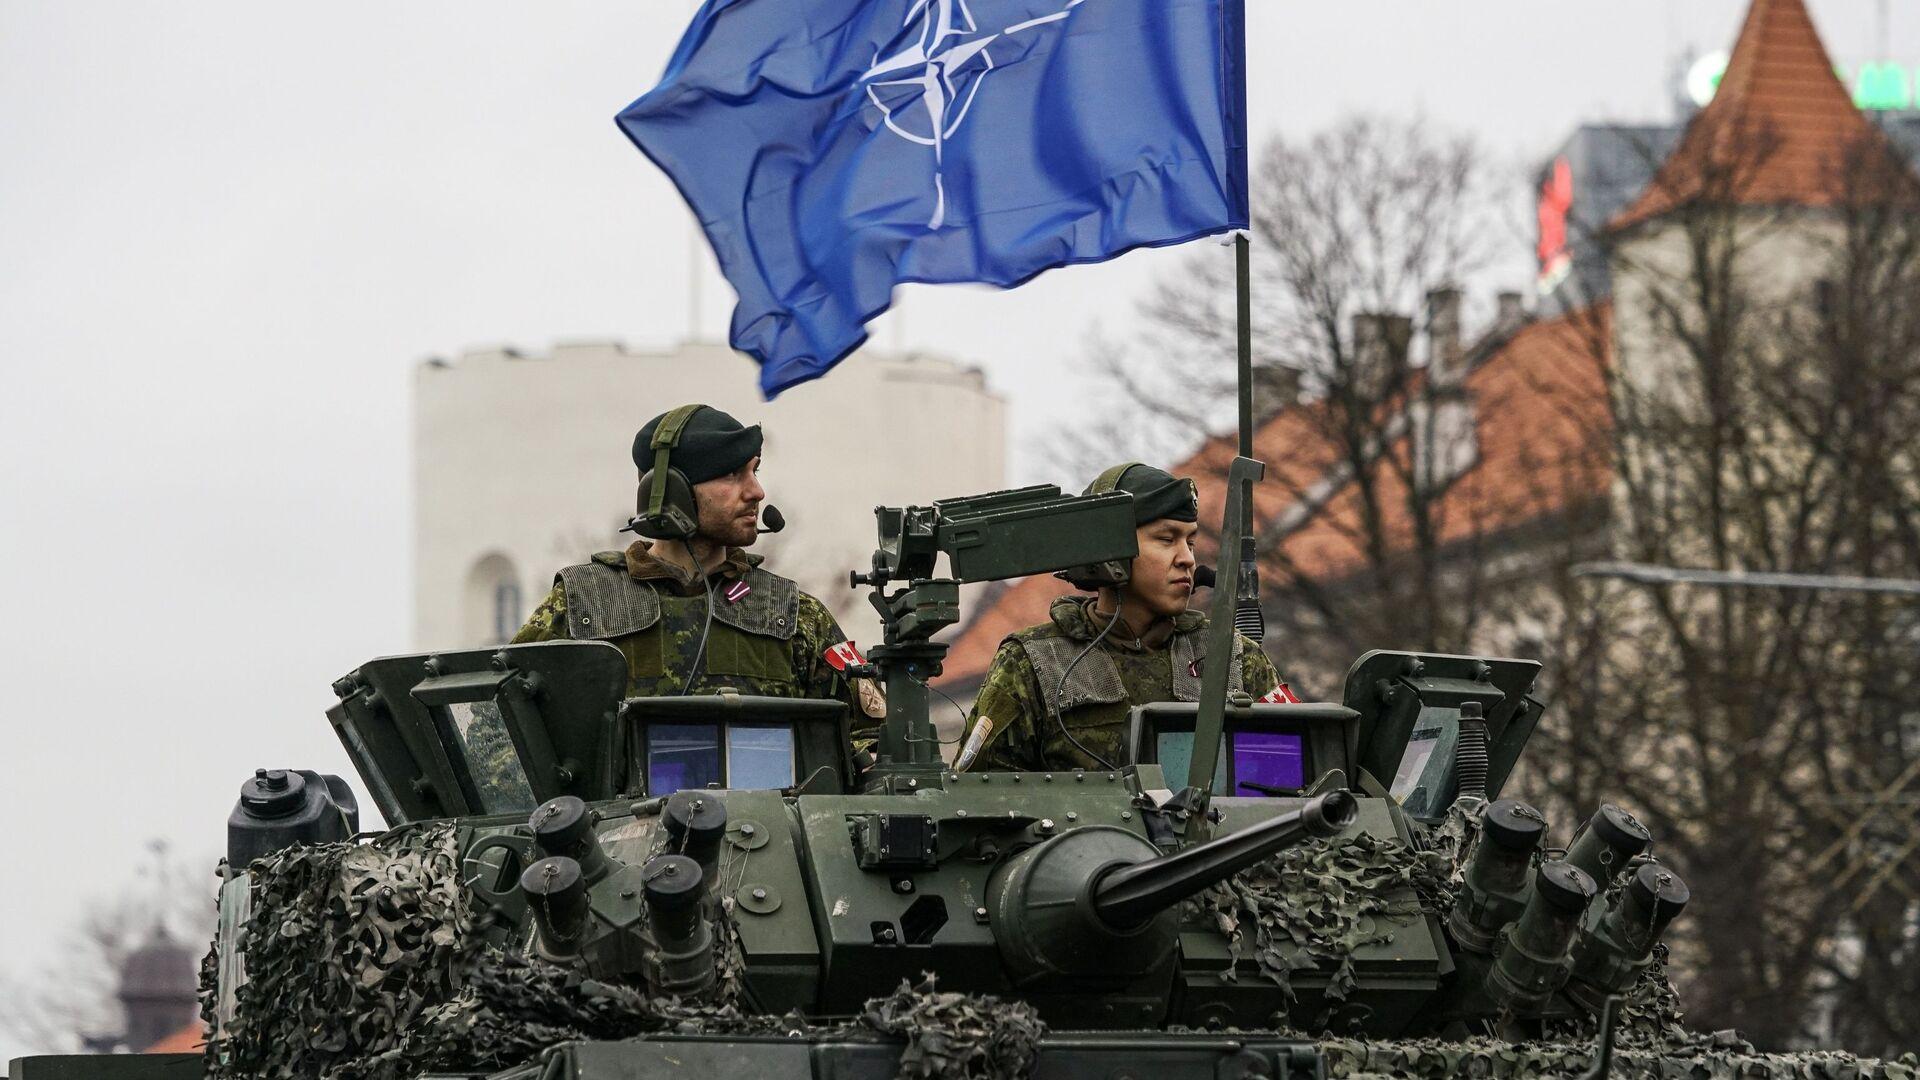 Kanadyjscy żołnierze na paradzie w Rydze z okazji Dnia Niepodległości Łotwy. - Sputnik Polska, 1920, 24.08.2021